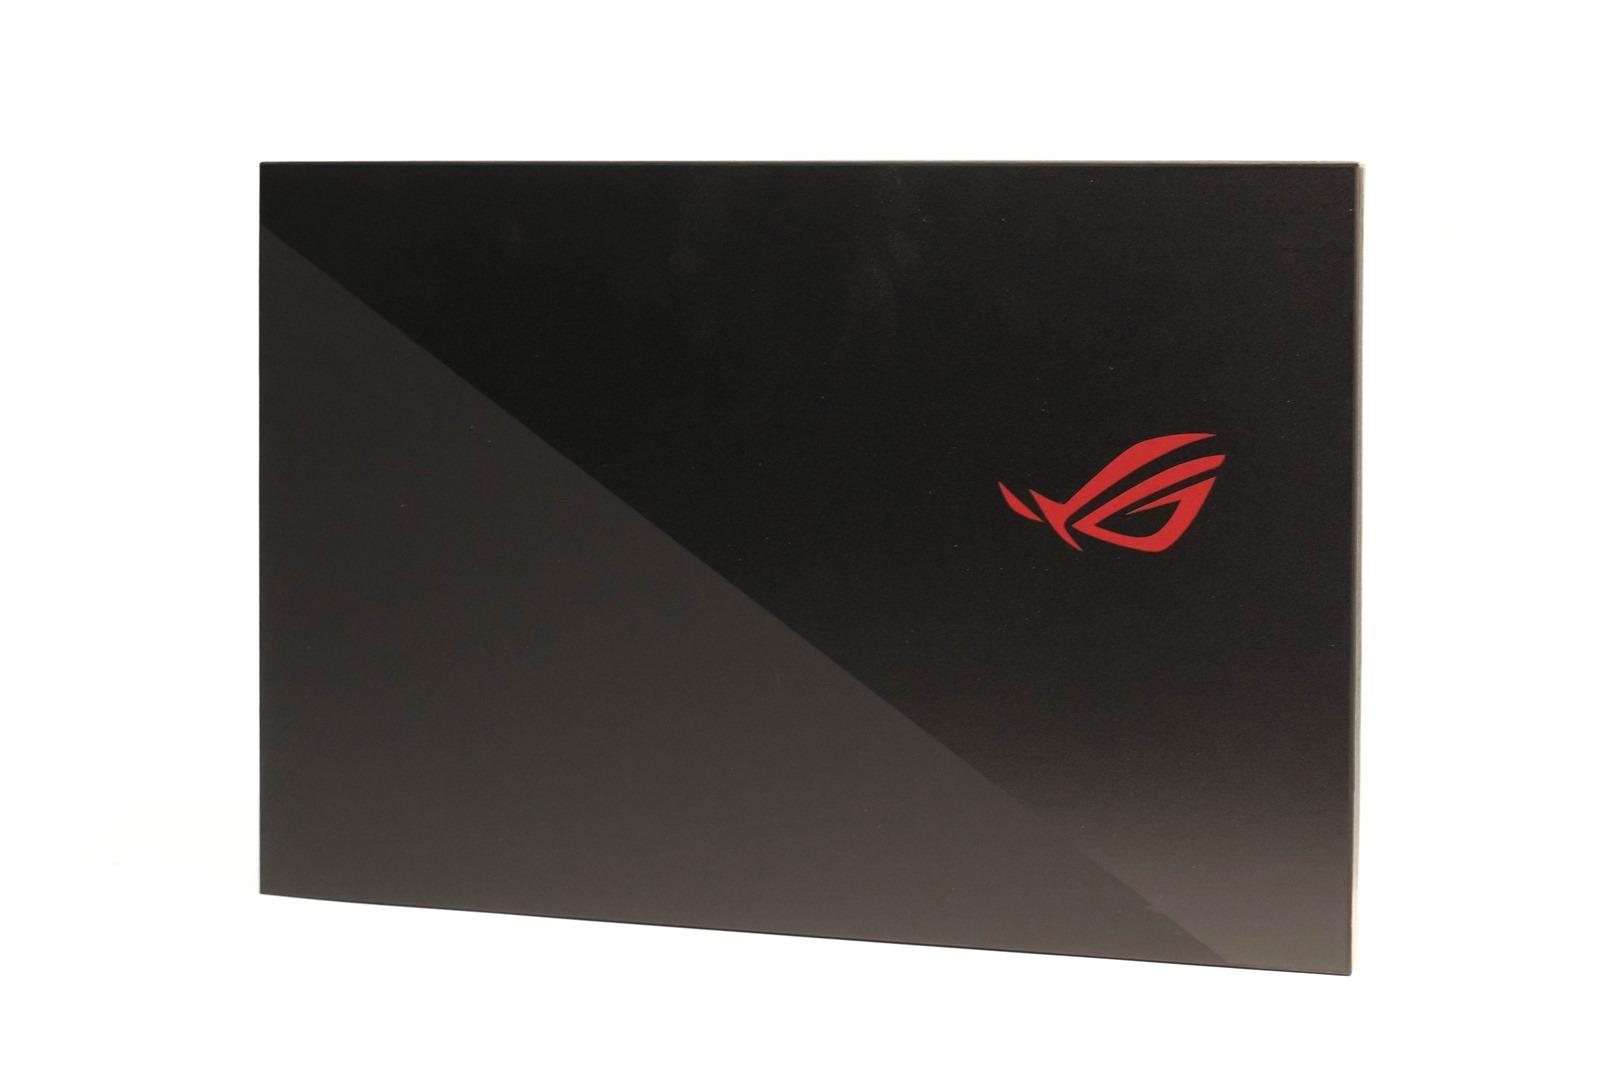 最強最薄!新一代 ASUS ROG Zephyrus S GX701 帶來 RTX 最強顯卡的世界最薄 17 吋電競筆電! @3C 達人廖阿輝